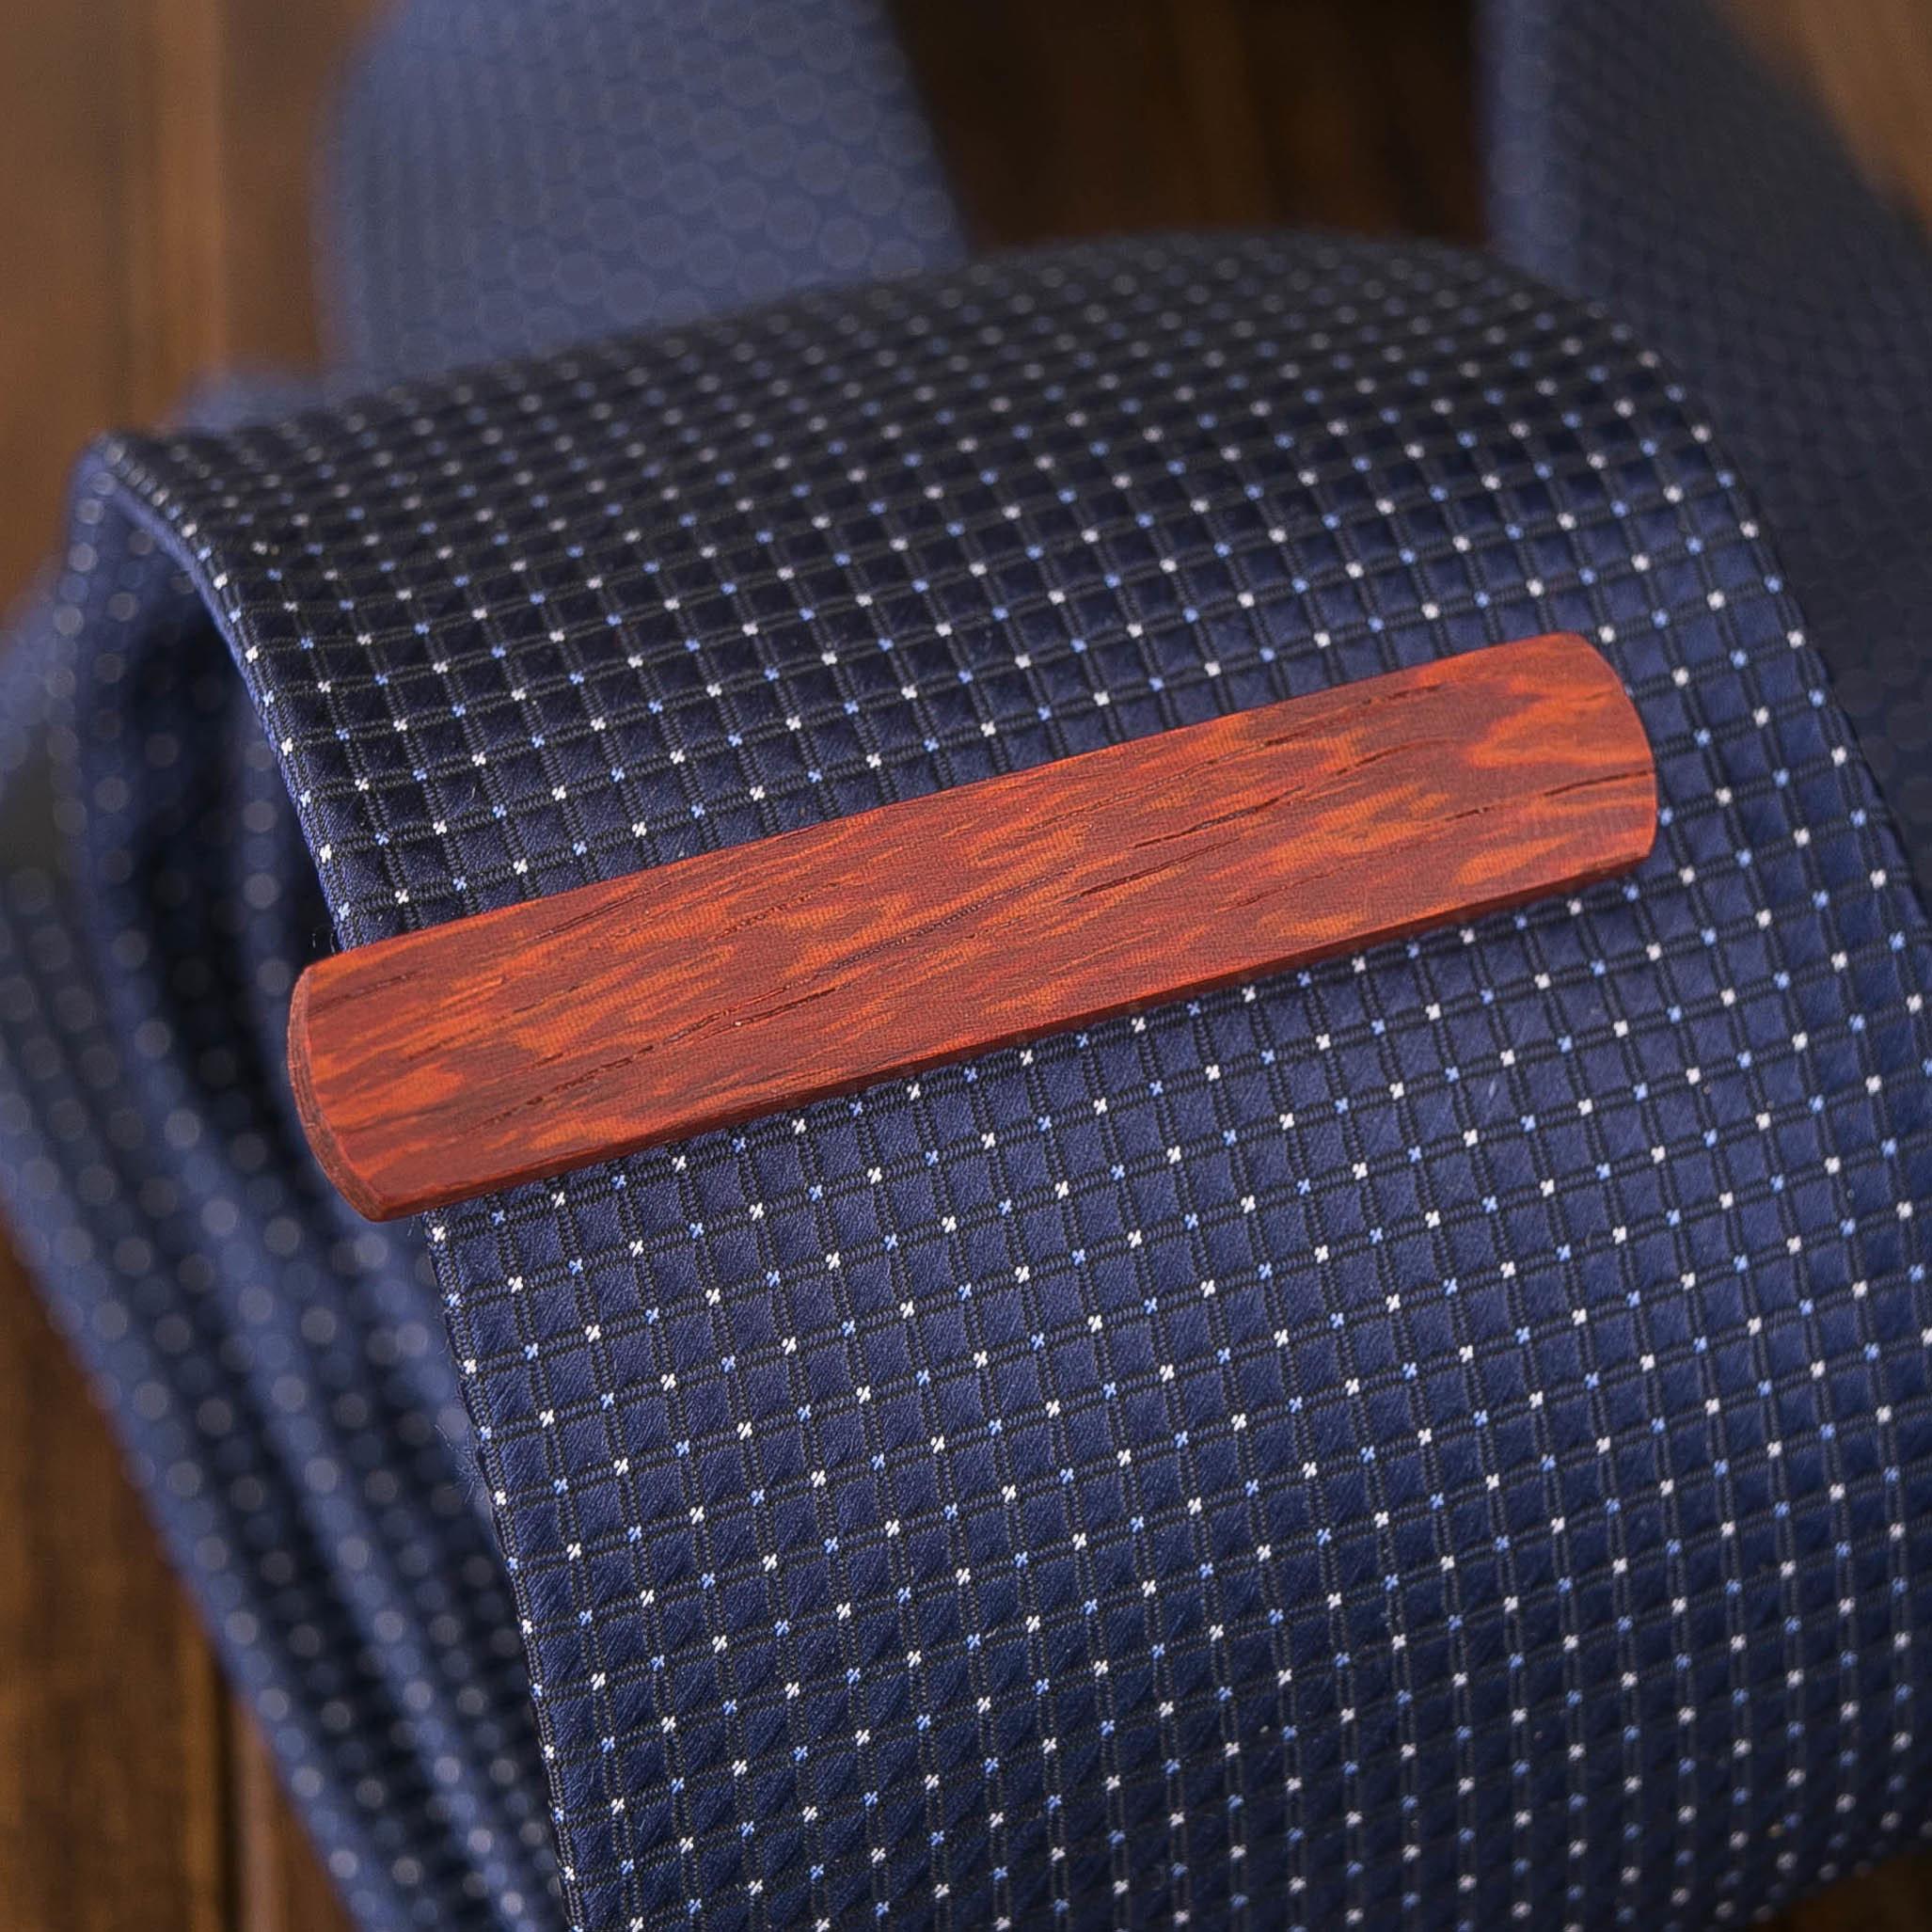 Деревянный зажим для галстука из настоящего падука. Гравировка имени или инициалов. Планка для галстука. Подарок для друзей жениха. Подарок на деревянную свадьбу TW-PadaukTieClip10